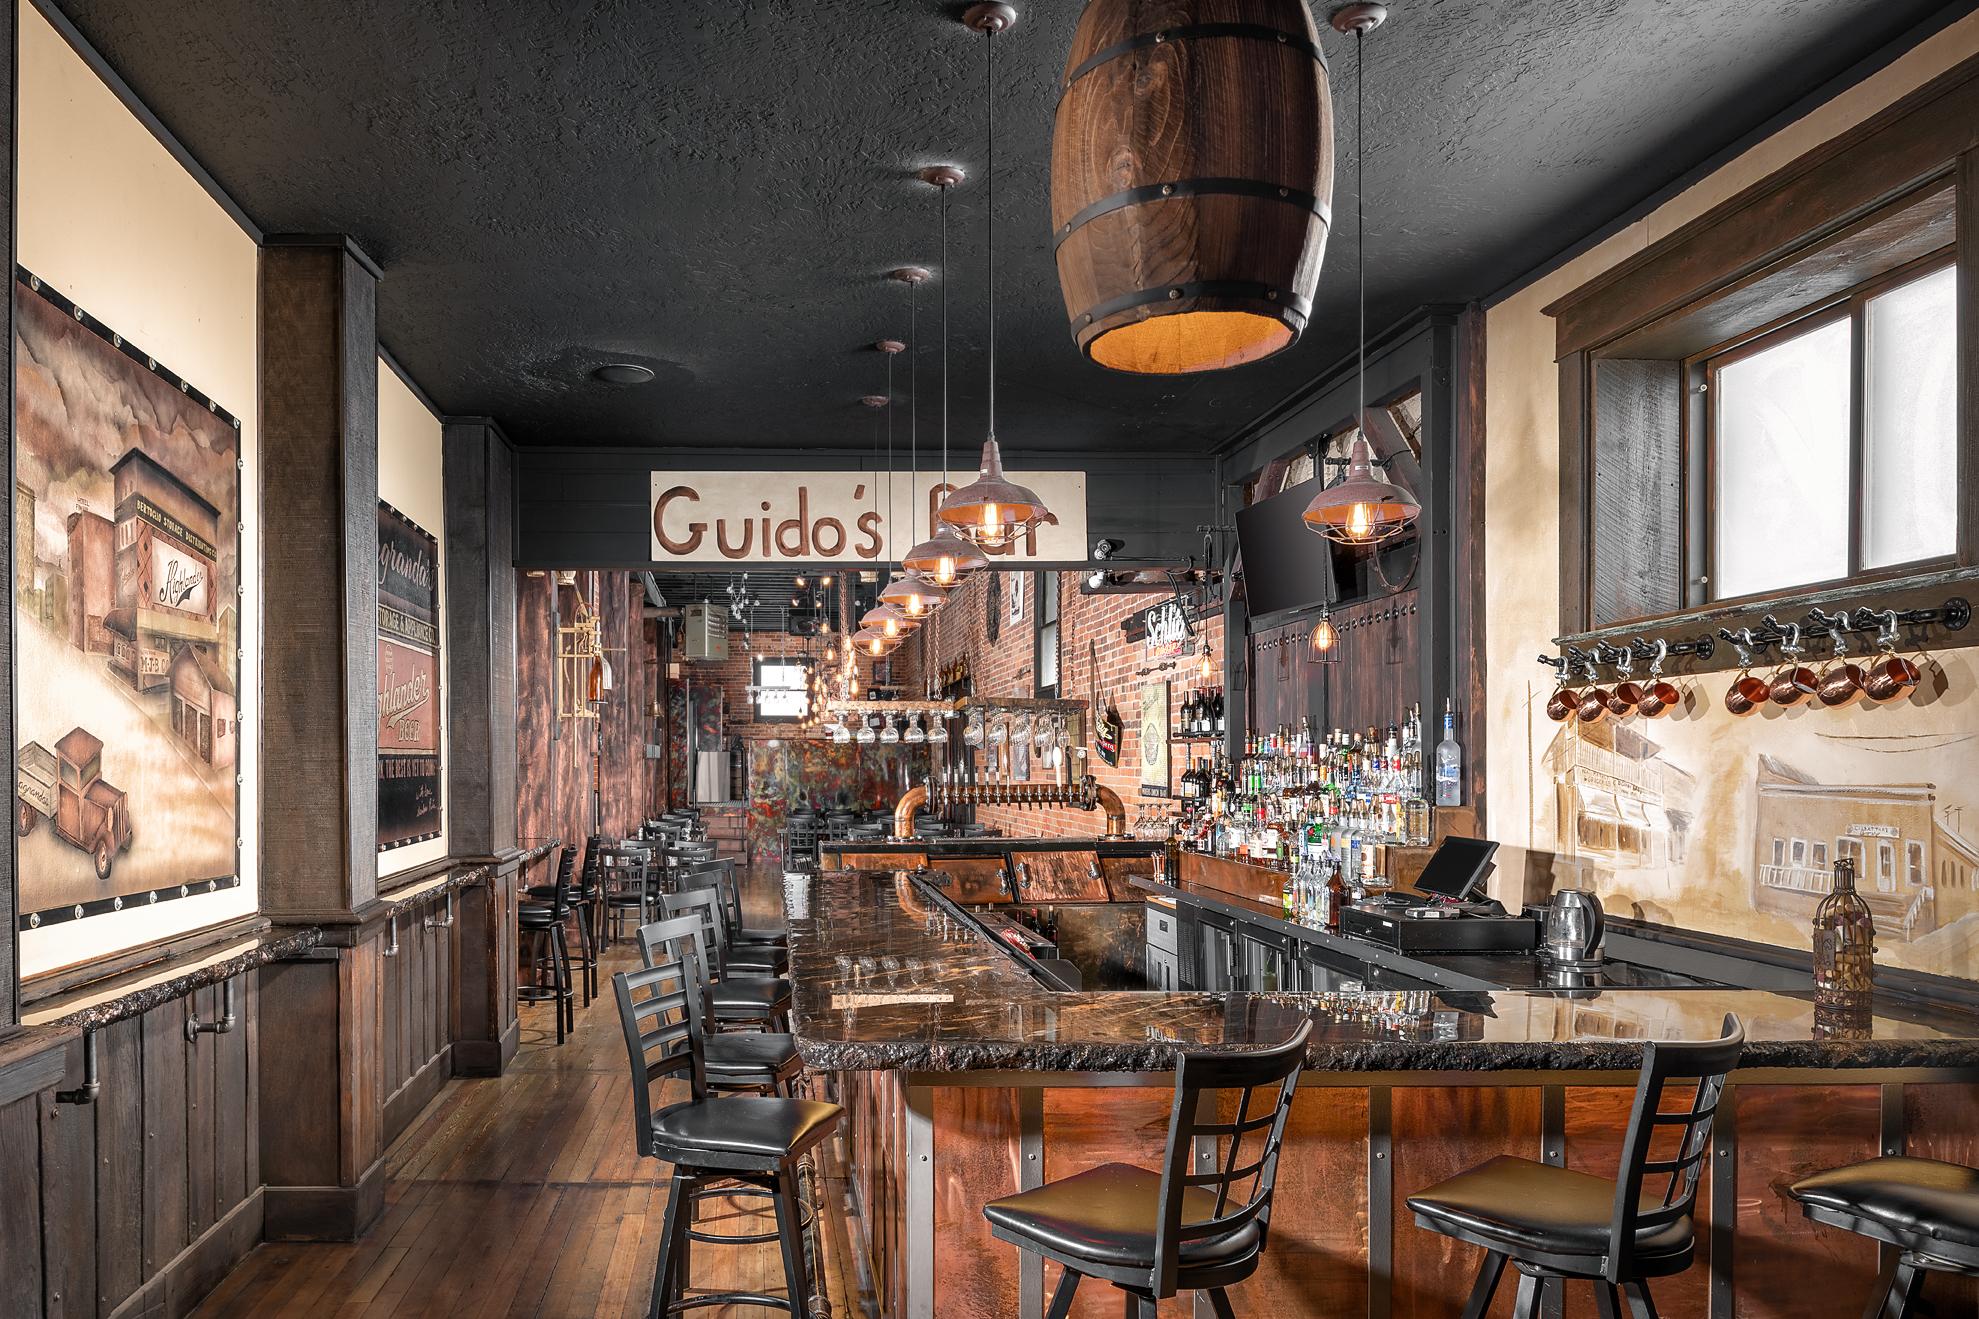 Casagranda's-Steakhouse- 04